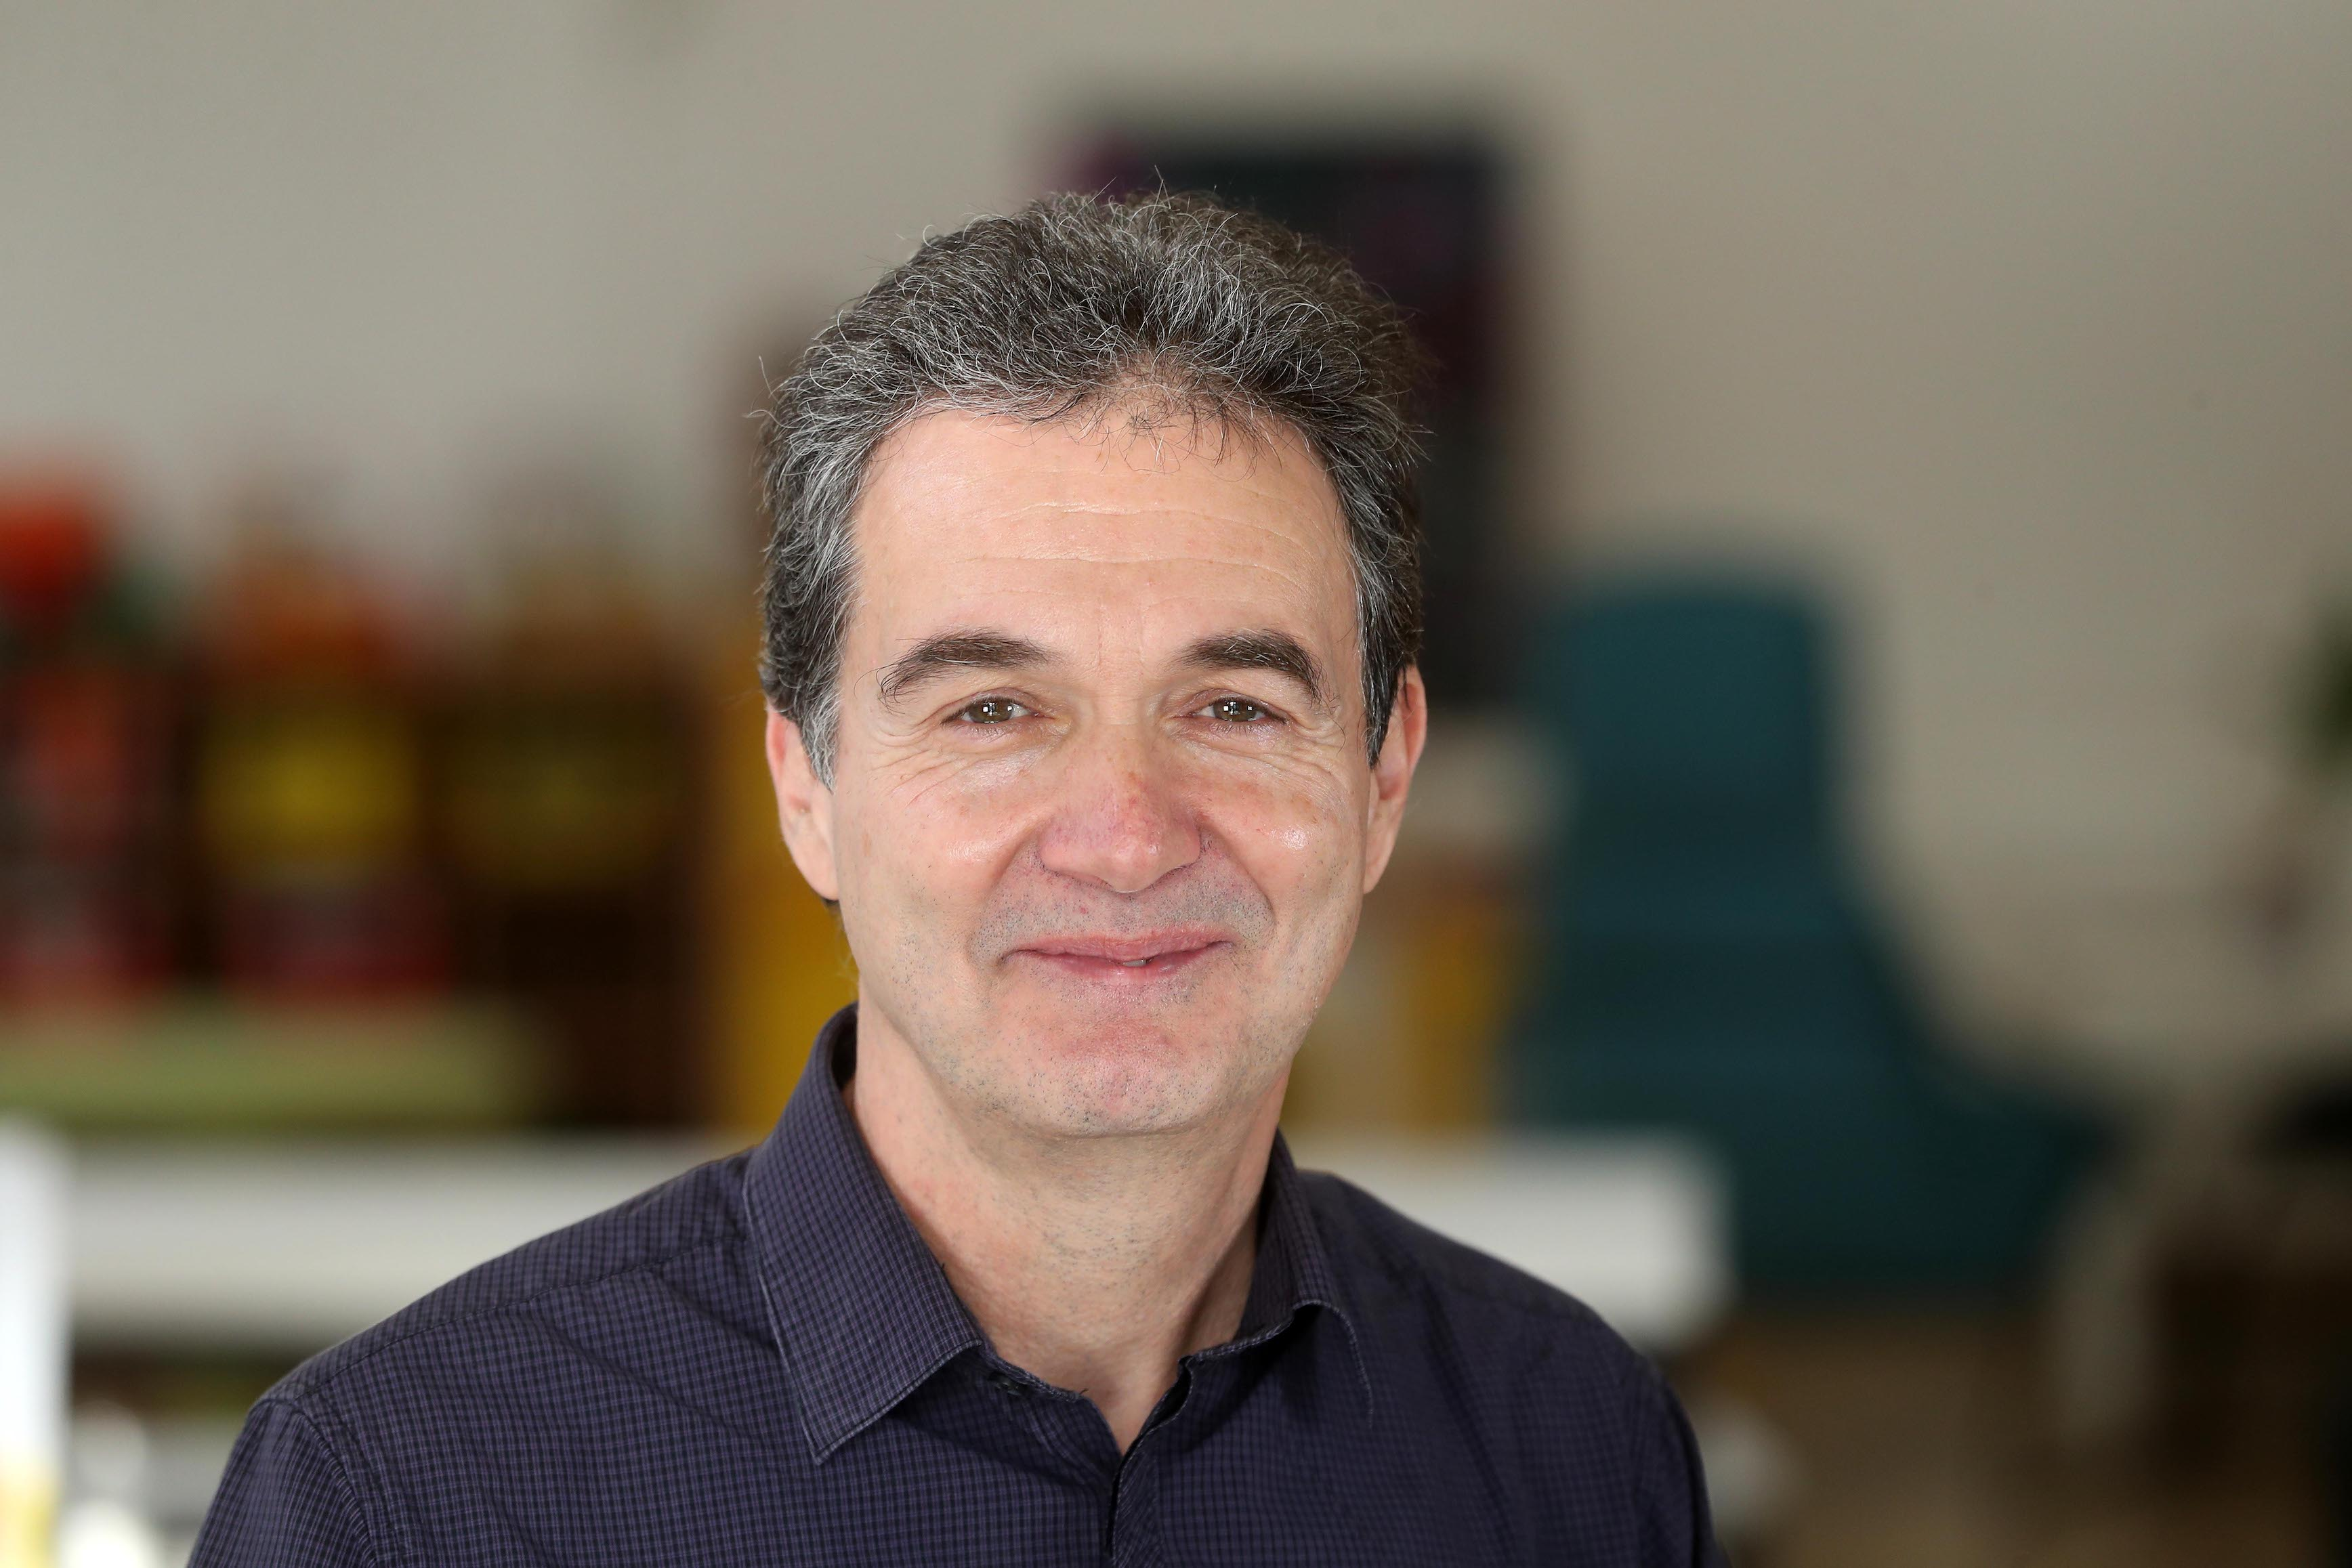 Prof. Justin Lewis